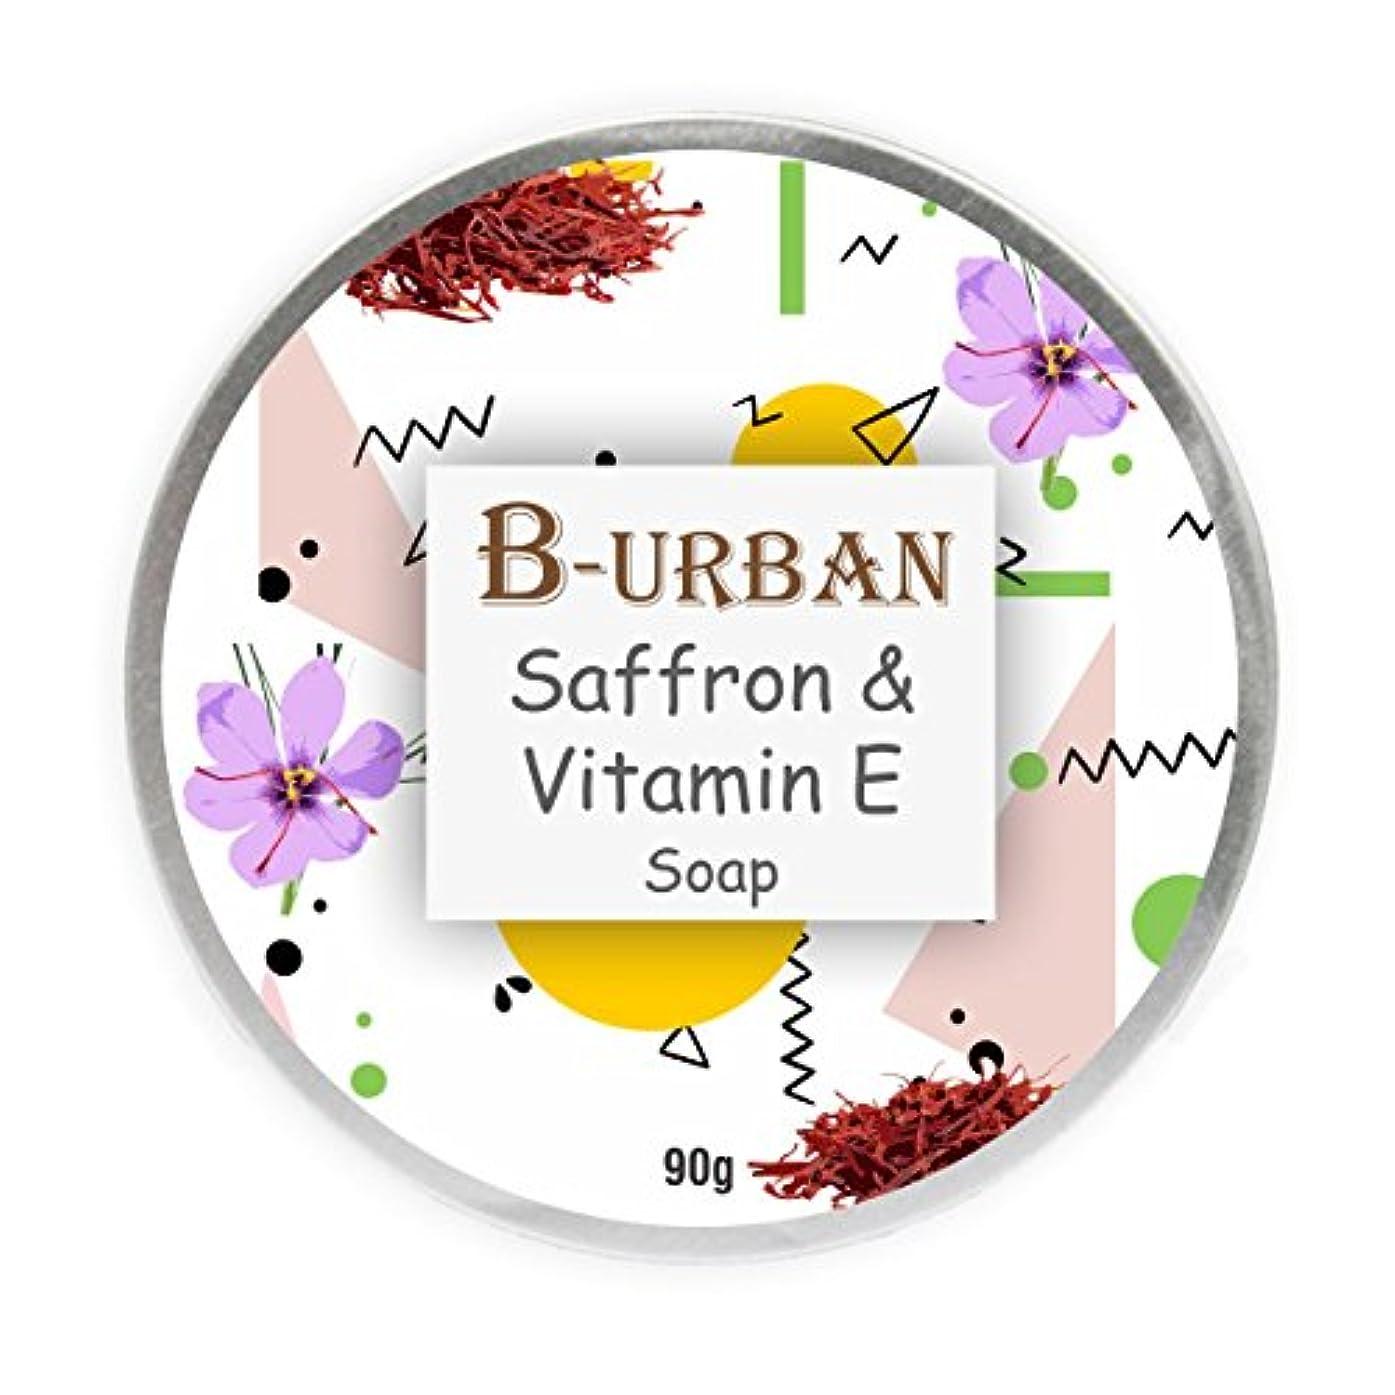 叙情的な正確にしたいB-URBAN SAFFRON & VITAMIN E SOAP MADE WITH NATURAL AND ORGANIC INGREDIENTS. PARABEN AND SULPHATE FREE. SOAP FOR...